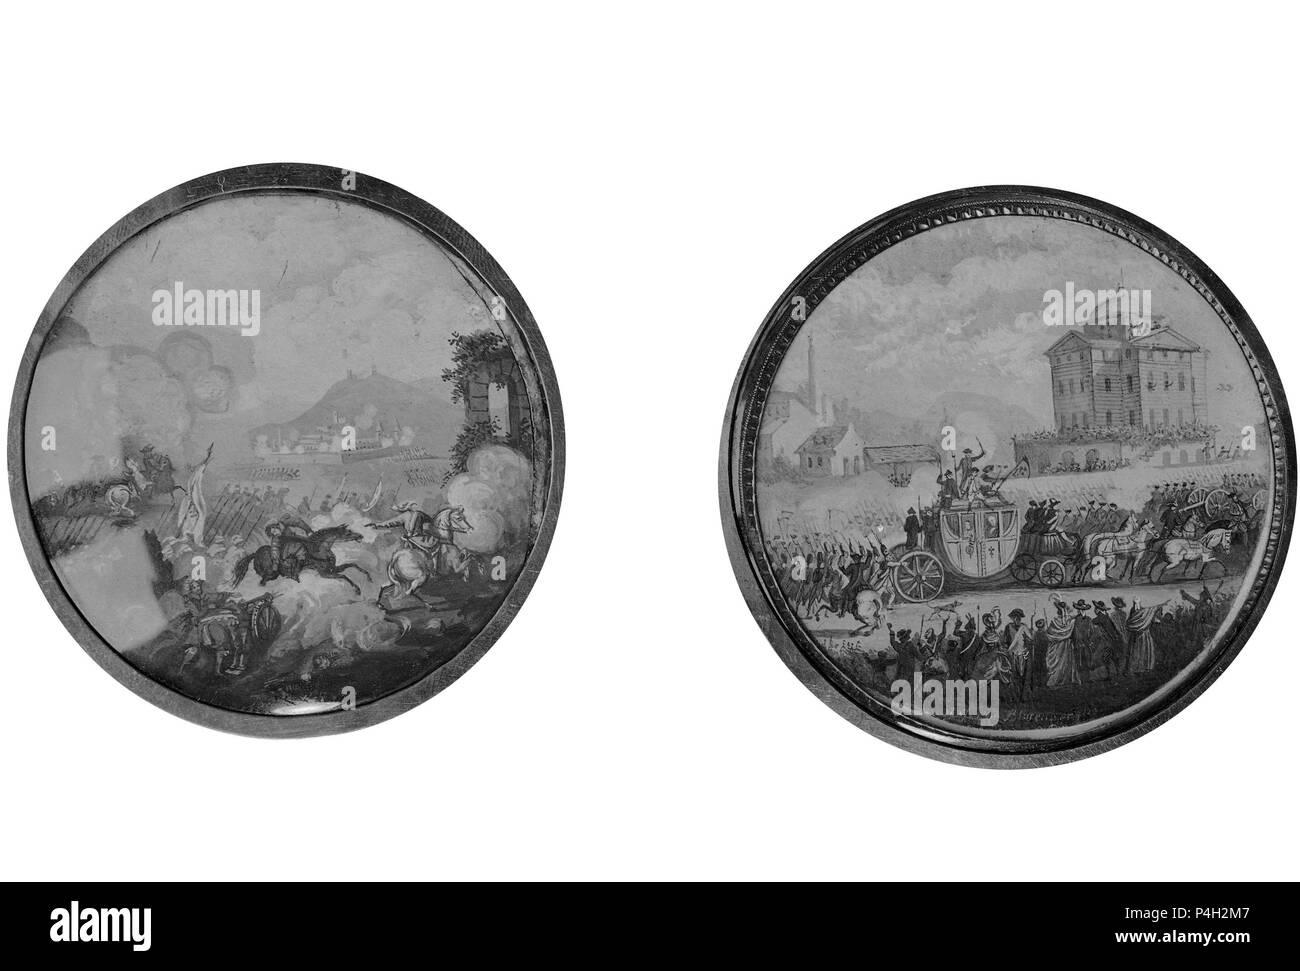 ESCENA DE BATALLA - 1771 (IZQ) Y TRASLADO DE LUIS XVI Y MARIA ANTONIETA DE VARENNES A PARIS - 1791 (DCHA) - VITELA/GOUACHE - 58 mm. Author: Henri-Joseph Van Blarenberghe (1750-1826). Location: MUSEO LAZARO GALDIANO-COLECCION, MADRID, SPAIN. - Stock Image